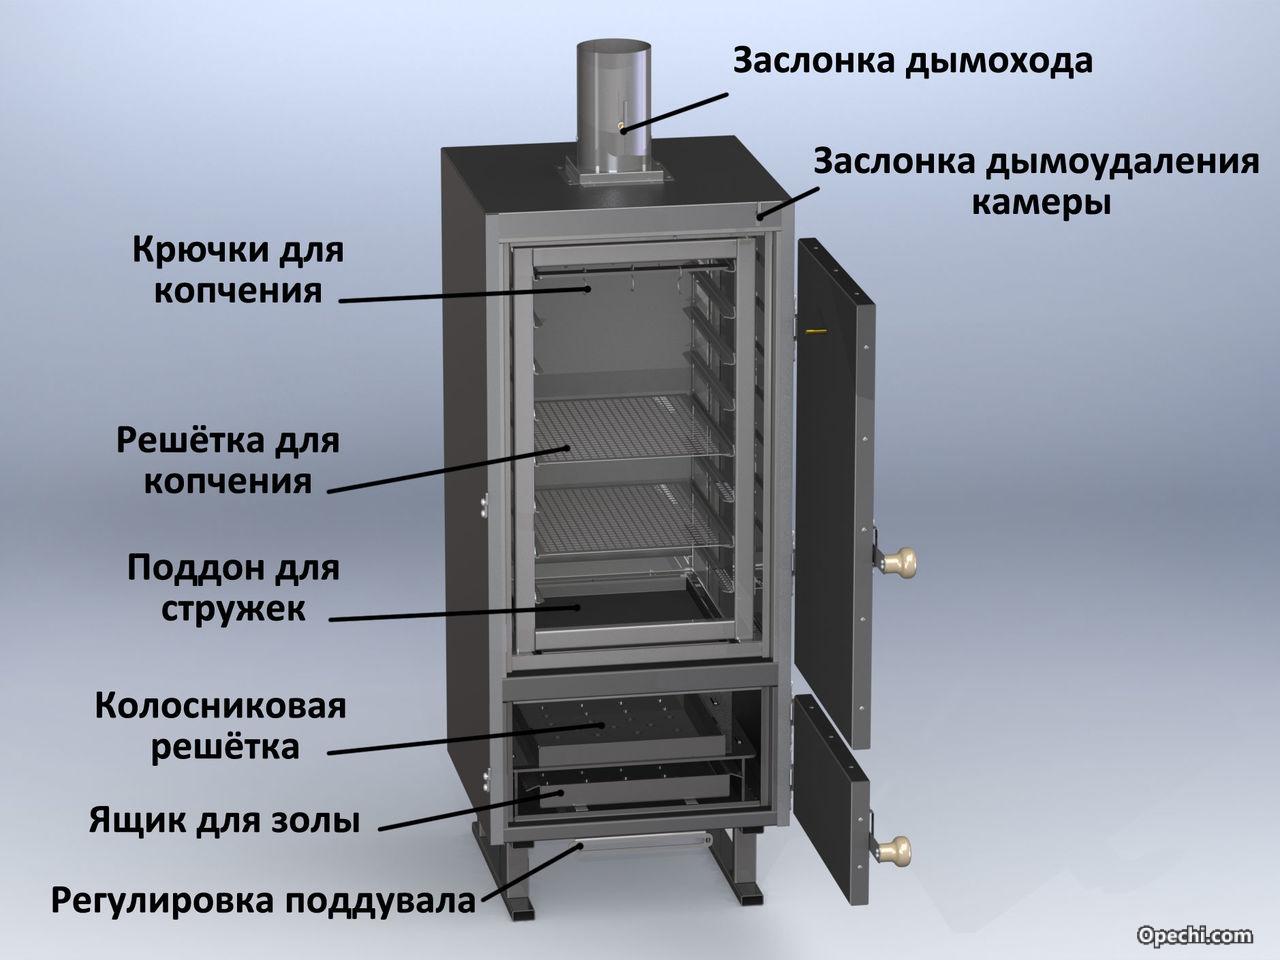 Самодельная коптильня из холодильника своими руками фото 576